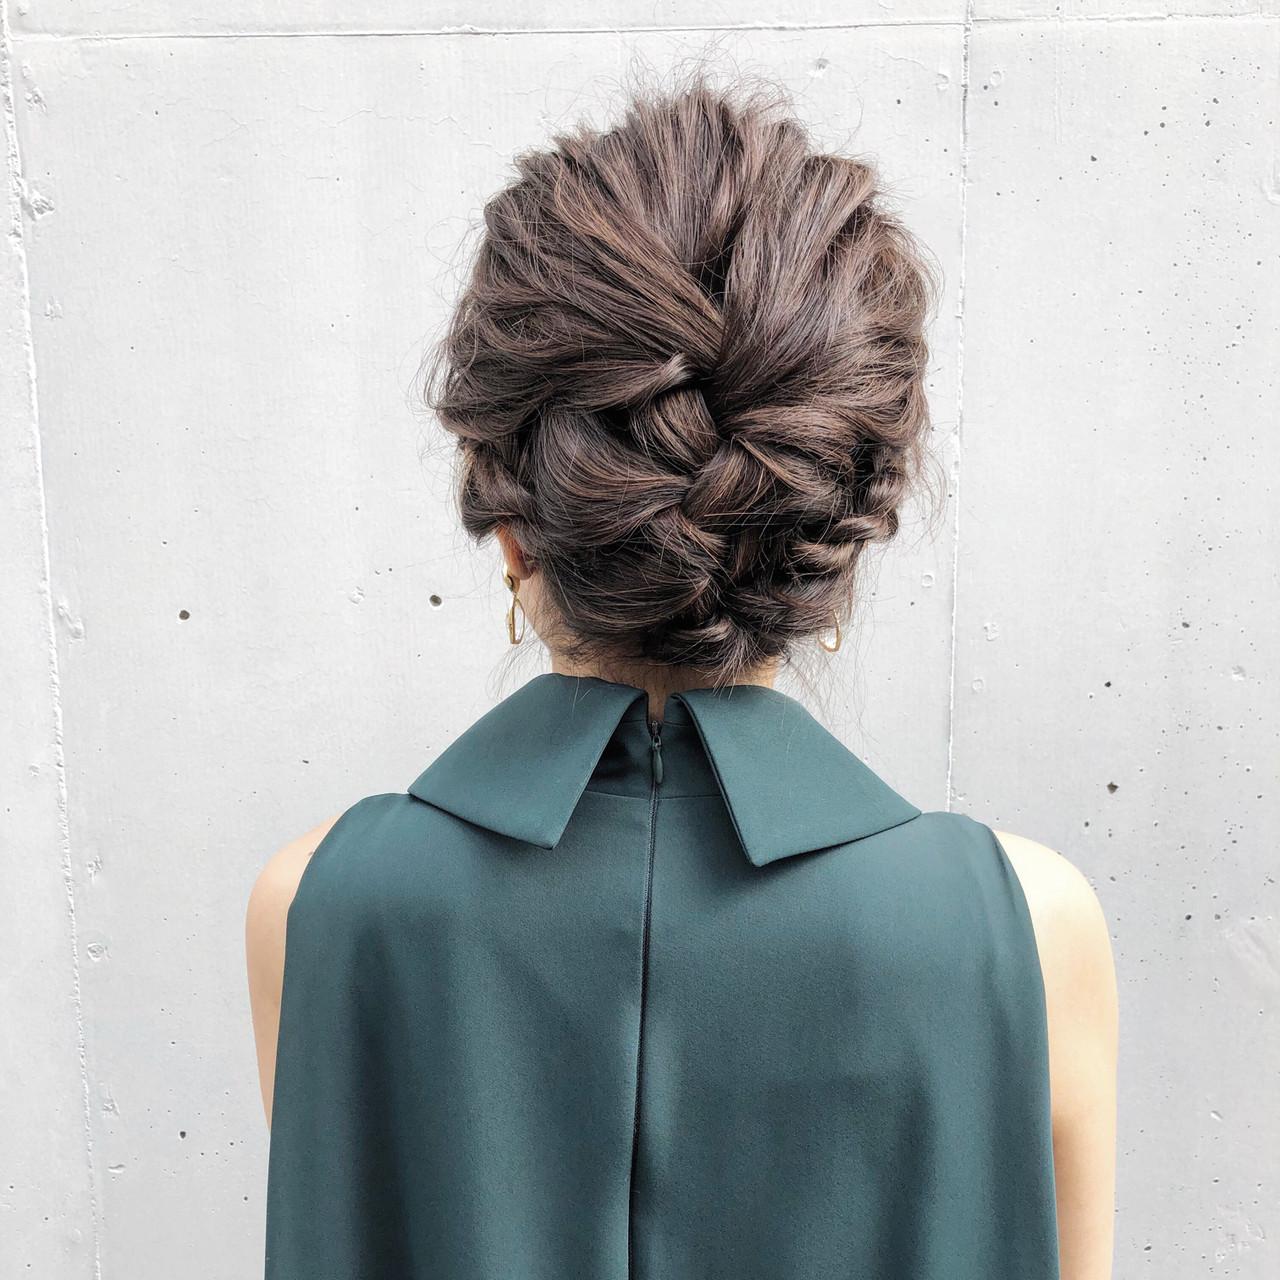 アンニュイほつれヘア ミディアム 結婚式 ナチュラルヘアスタイルや髪型の写真・画像